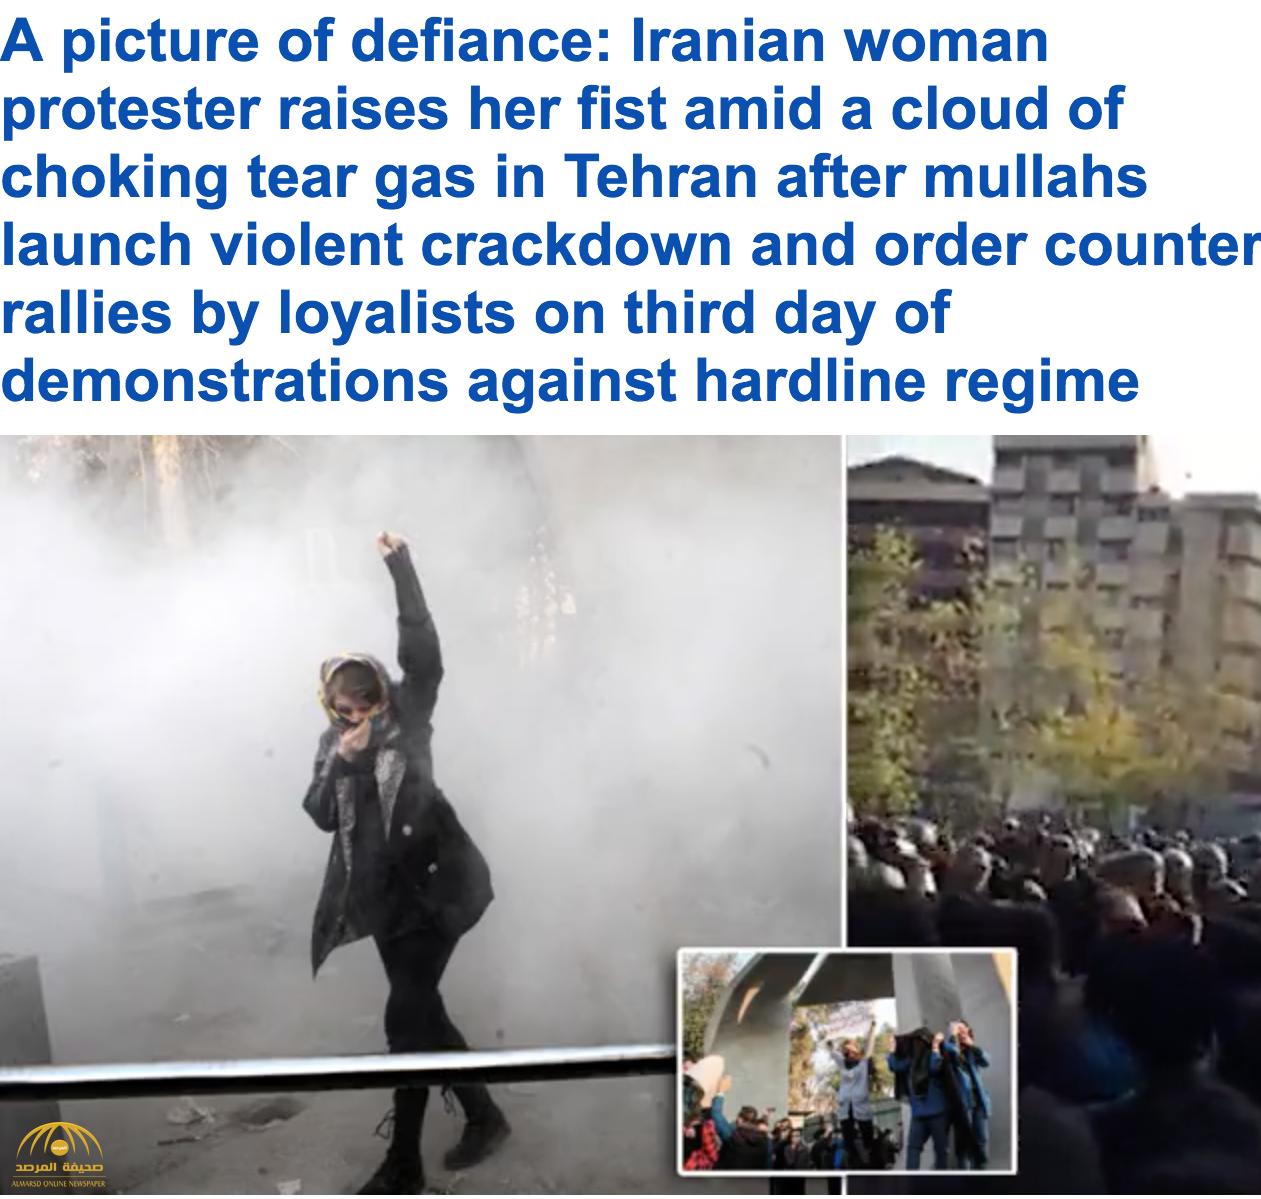 فيديو: المظاهرات تجتاح إيران بسبب الفقر ومقتل 5 مدنيين برصاص الحرس الثوري